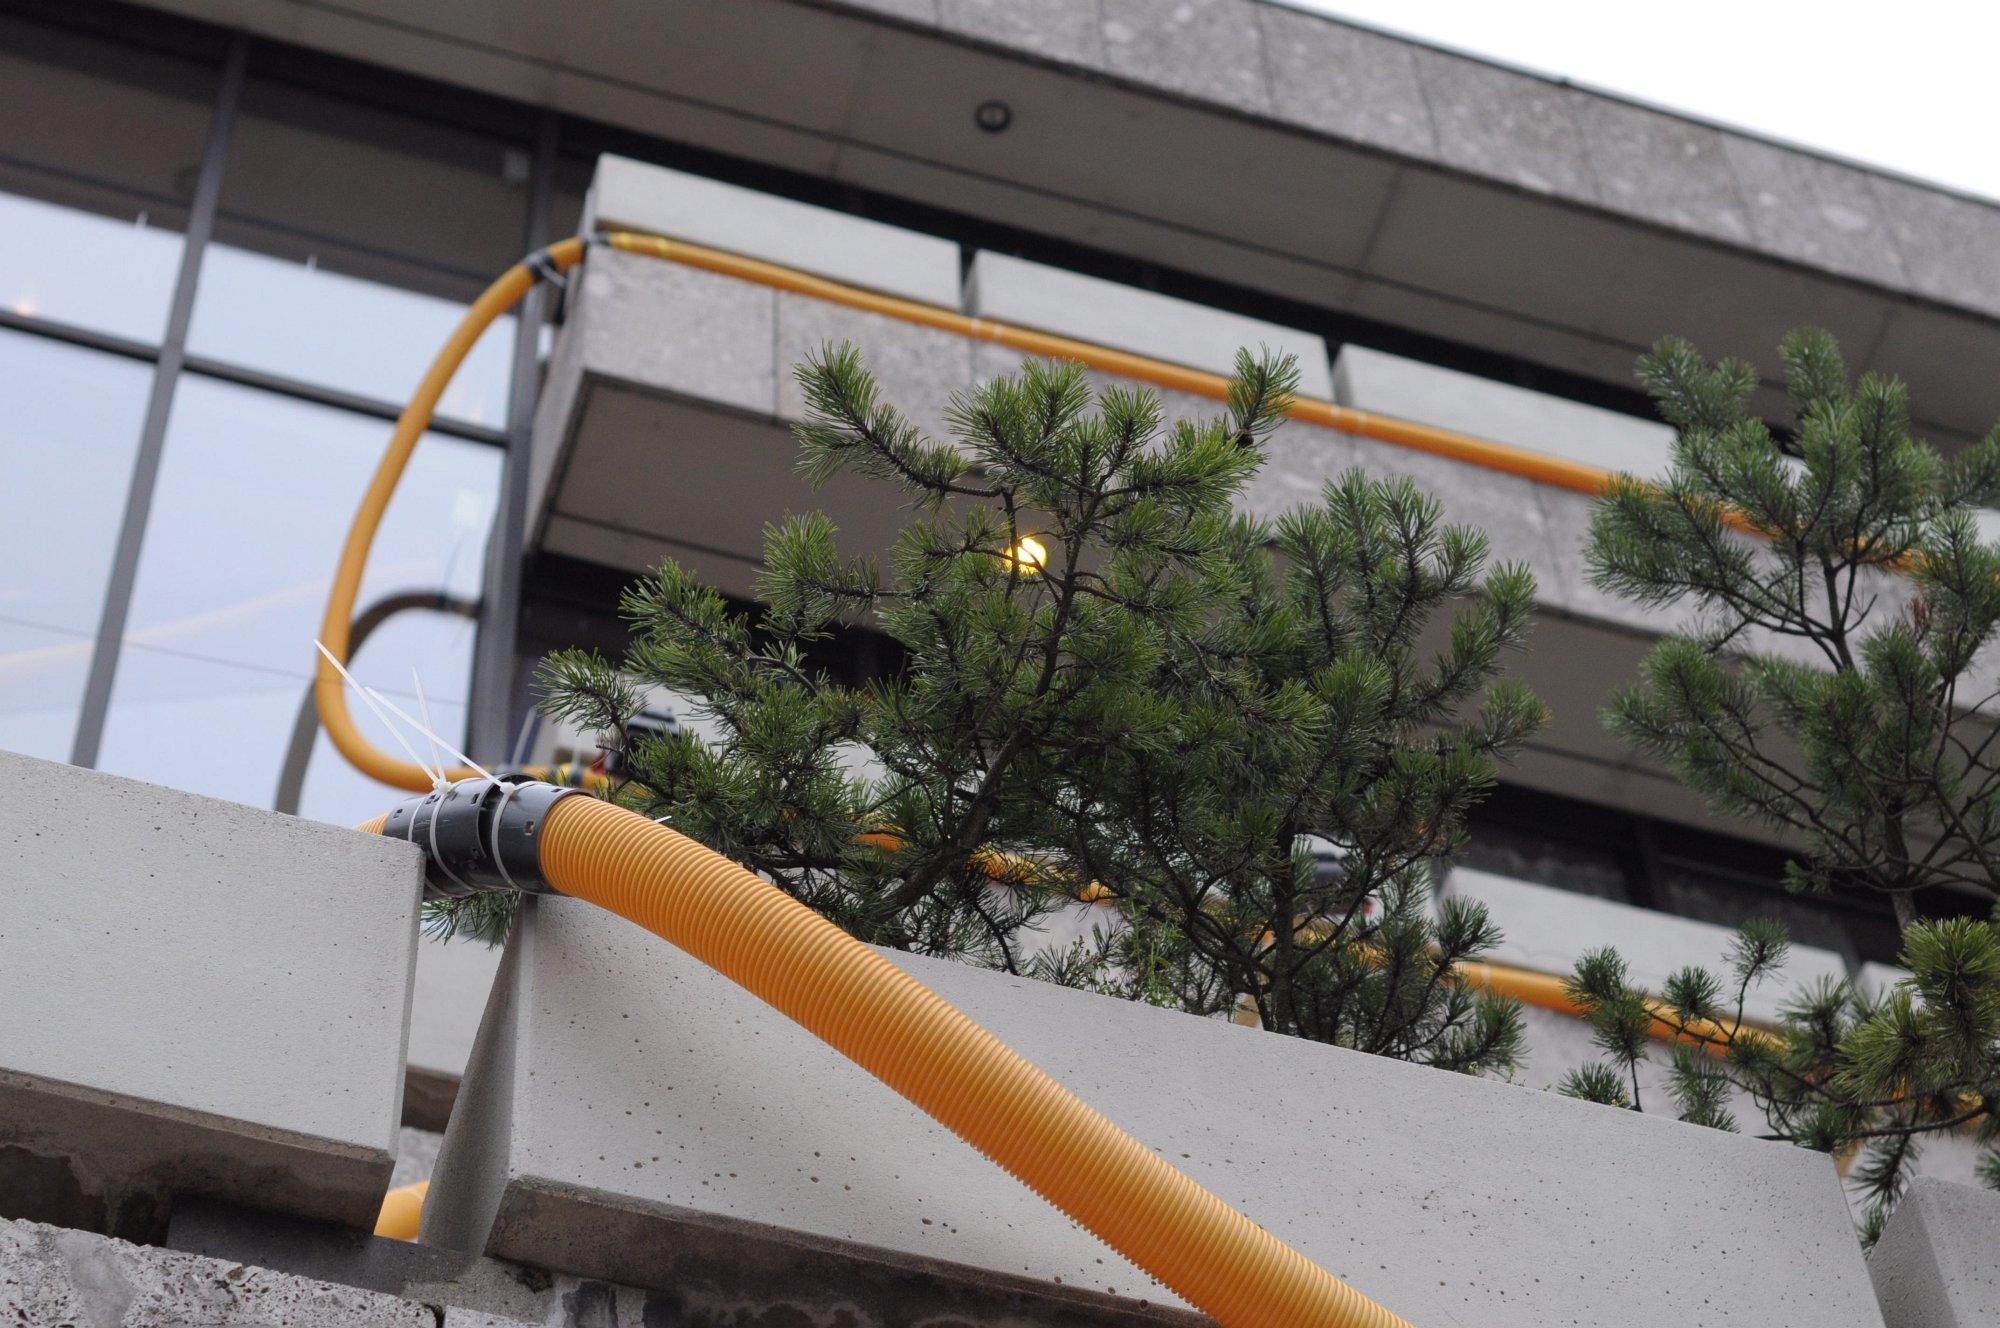 Seidenstrasse: Retro-Netzwerk im Schlauch - Wer aus diesen Konstruktionen... (Foto: Andreas Sebayang/Golem.de)